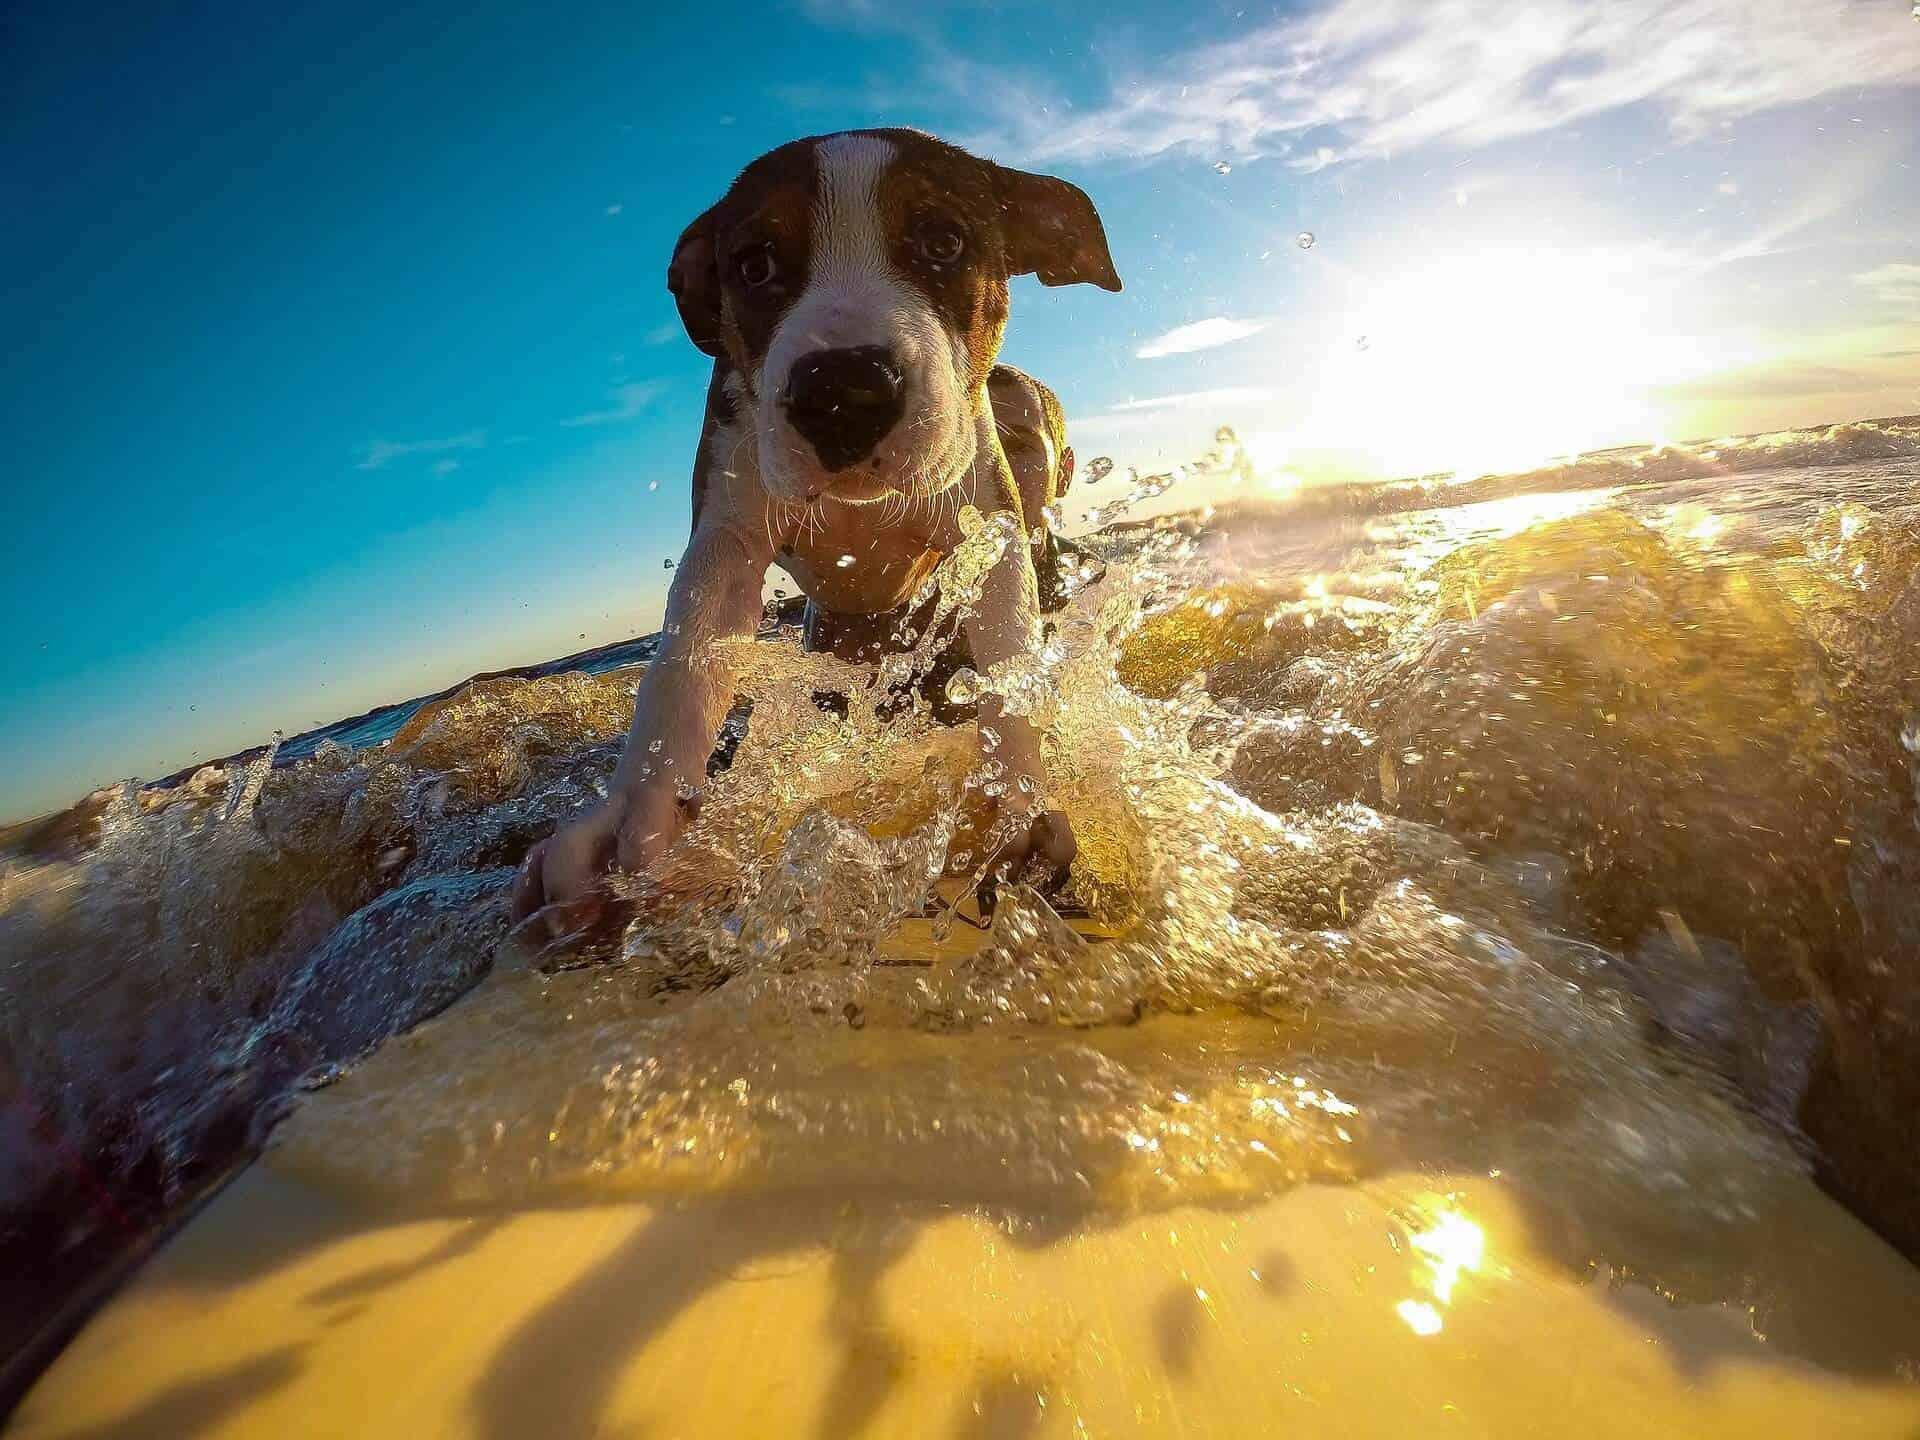 nehmt ihr eure hunde mit in den urlaub umfrage meer surfen surfbrett